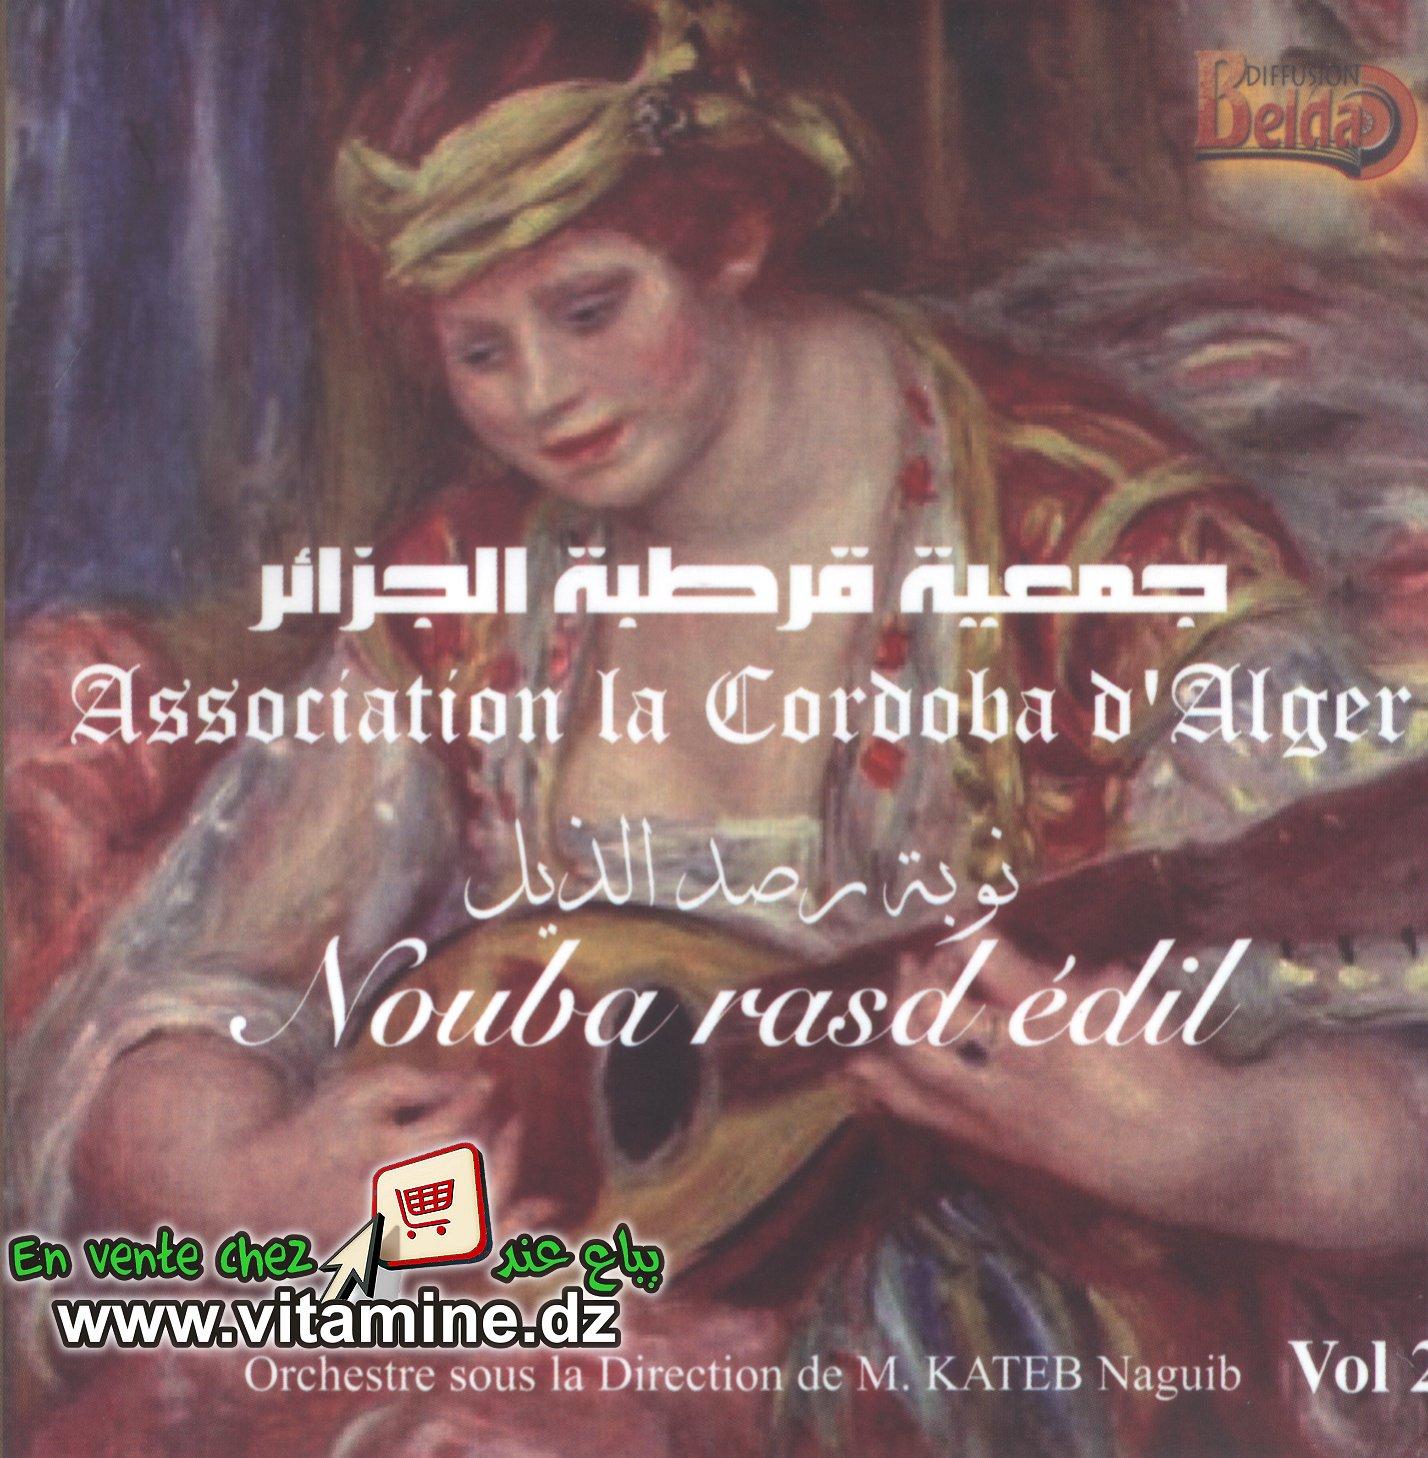 Association la Cordoba d'Alger - nouba rasd édil vol 2